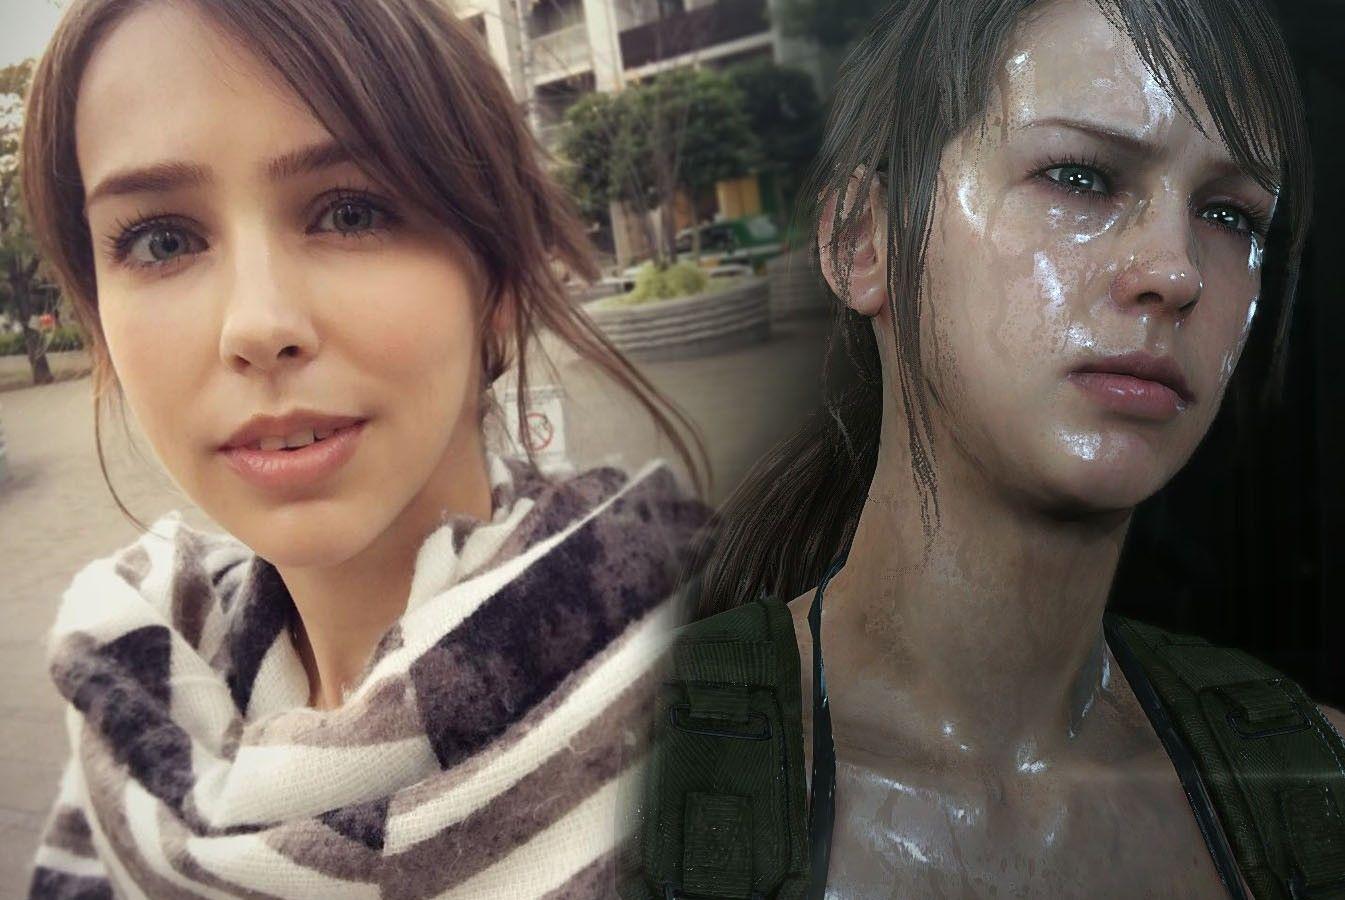 这些游戏中的人气角色,在现实中分别是什么样?